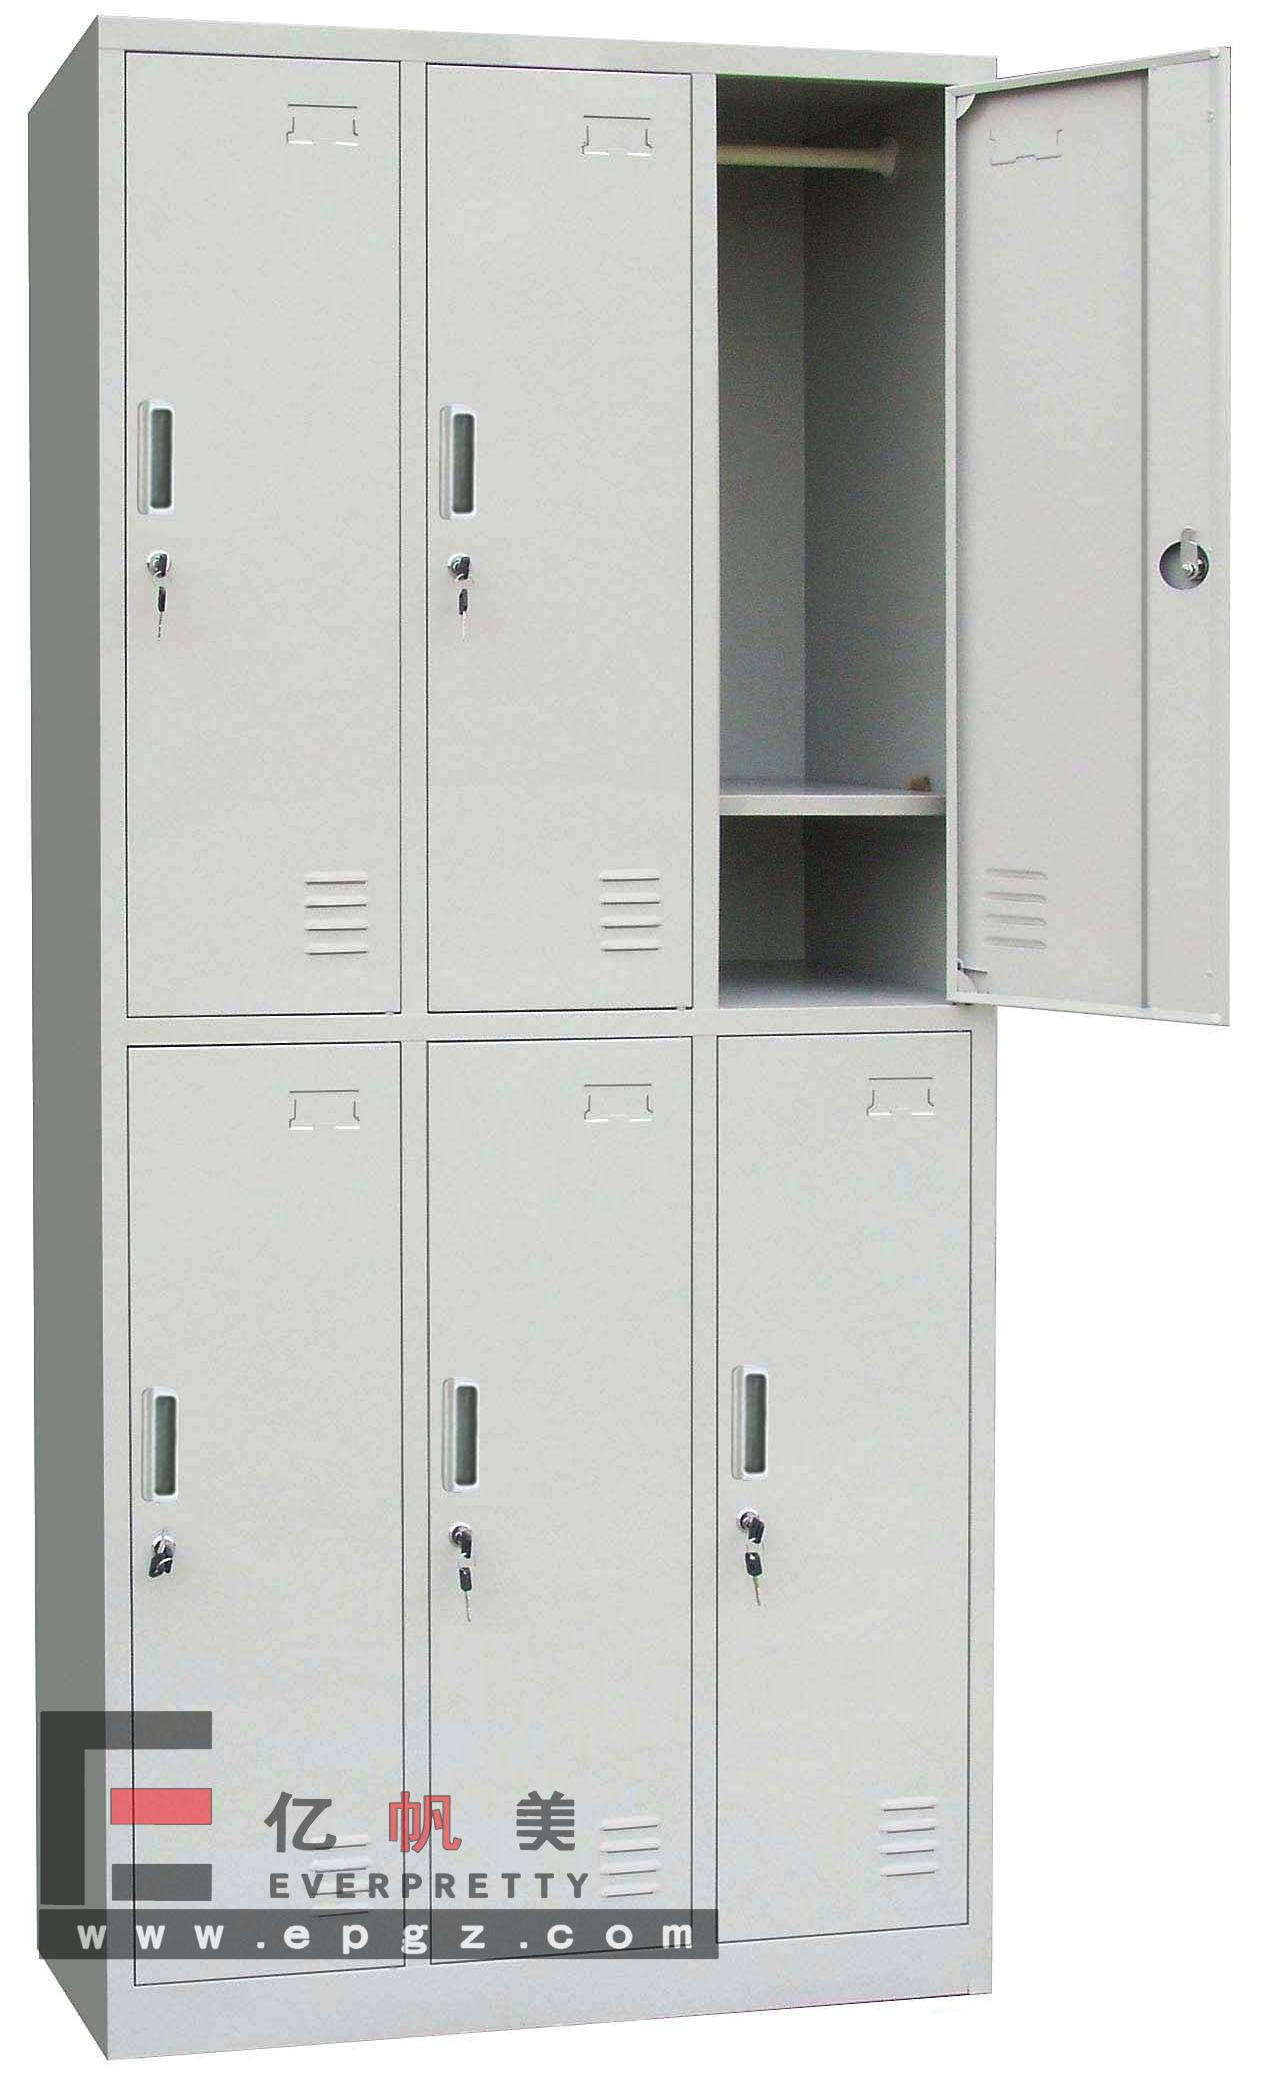 Stroge Matel Filing Storage Cabinet (DG-34)